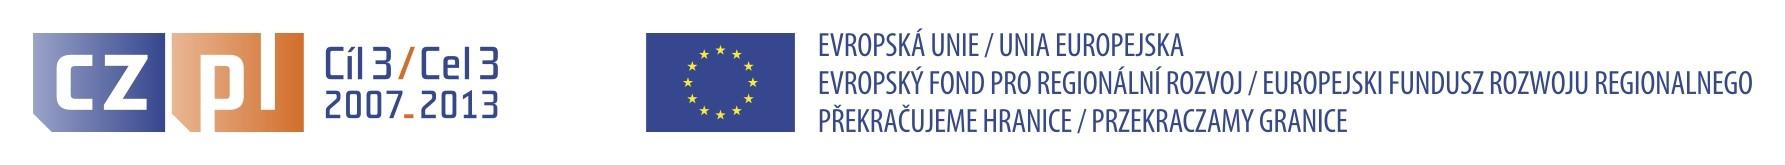 Logo cz-pl + eu, obrázek se otevře v novém okně